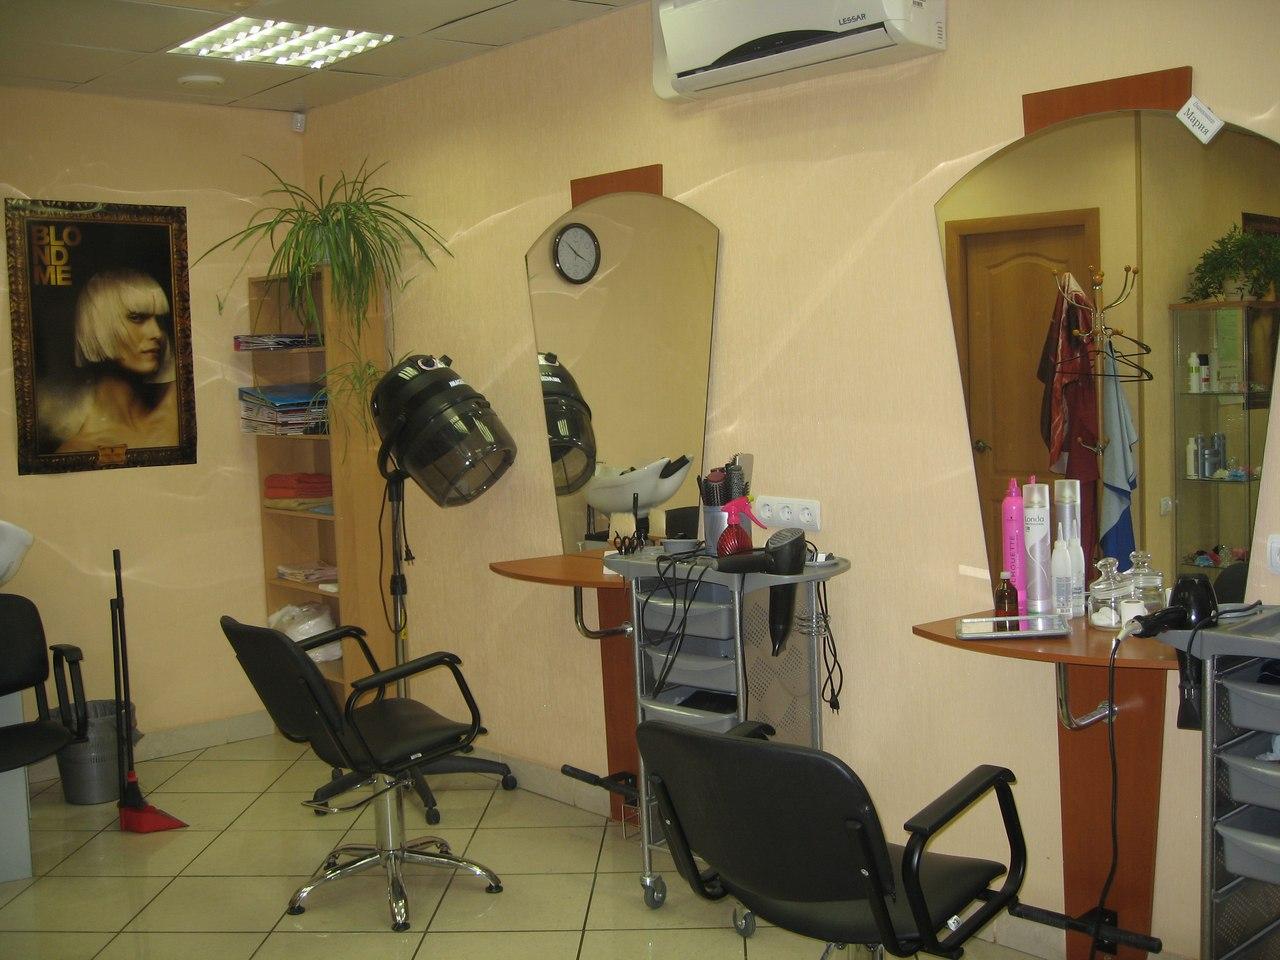 Наличие склада позволит сотрудникам интернет-магазина парикмахерского